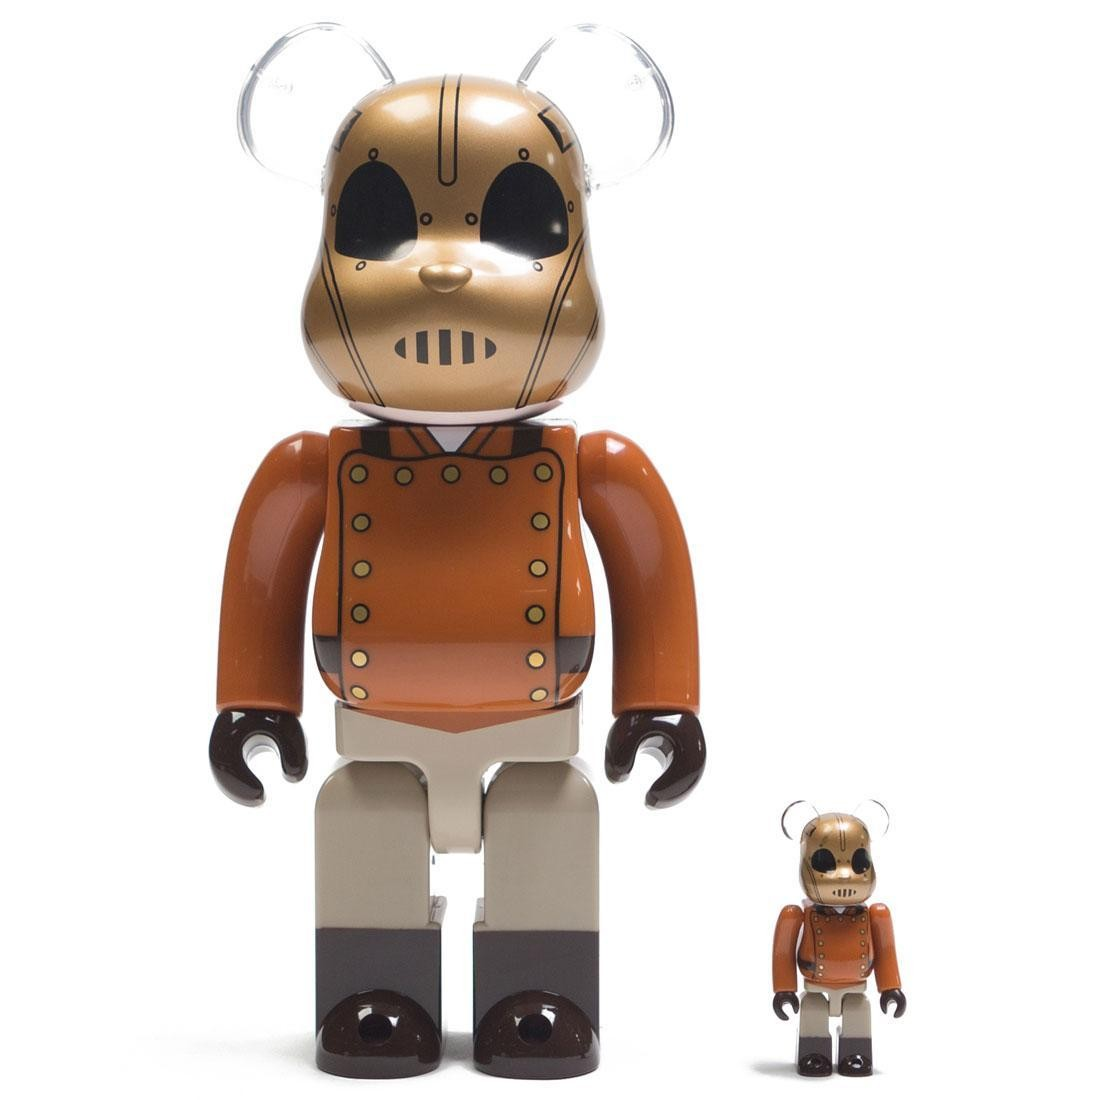 Medicom Rocketeer 100% 400% Bearbrick Figure Set (brown)